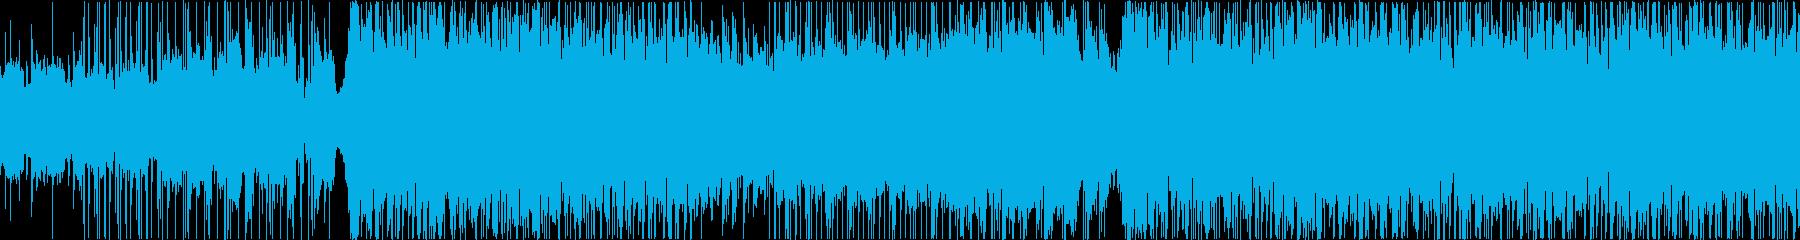 【ループ】壮大/感動的/バラードの再生済みの波形